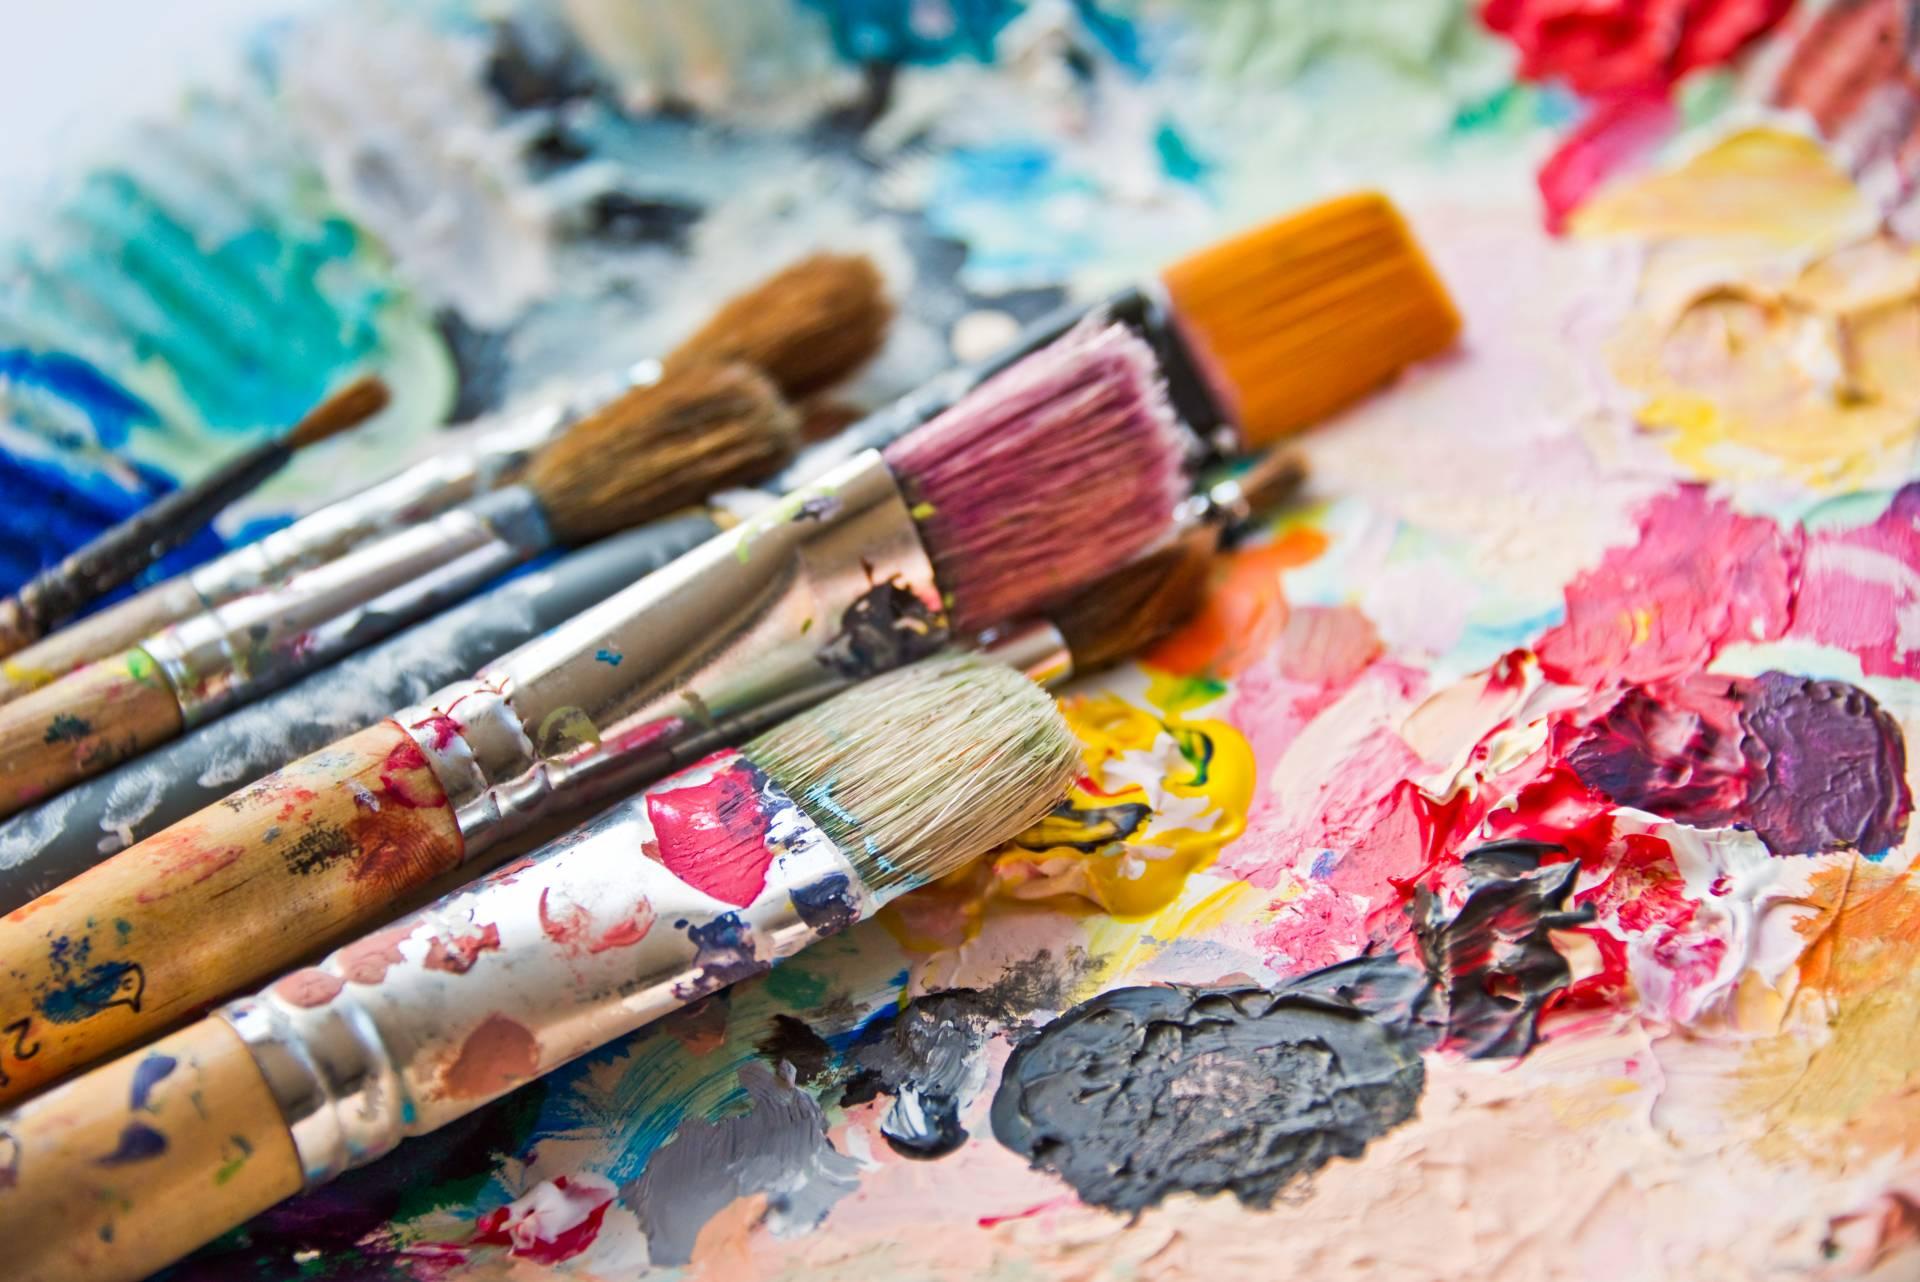 À la recherche de talentueux surgériens